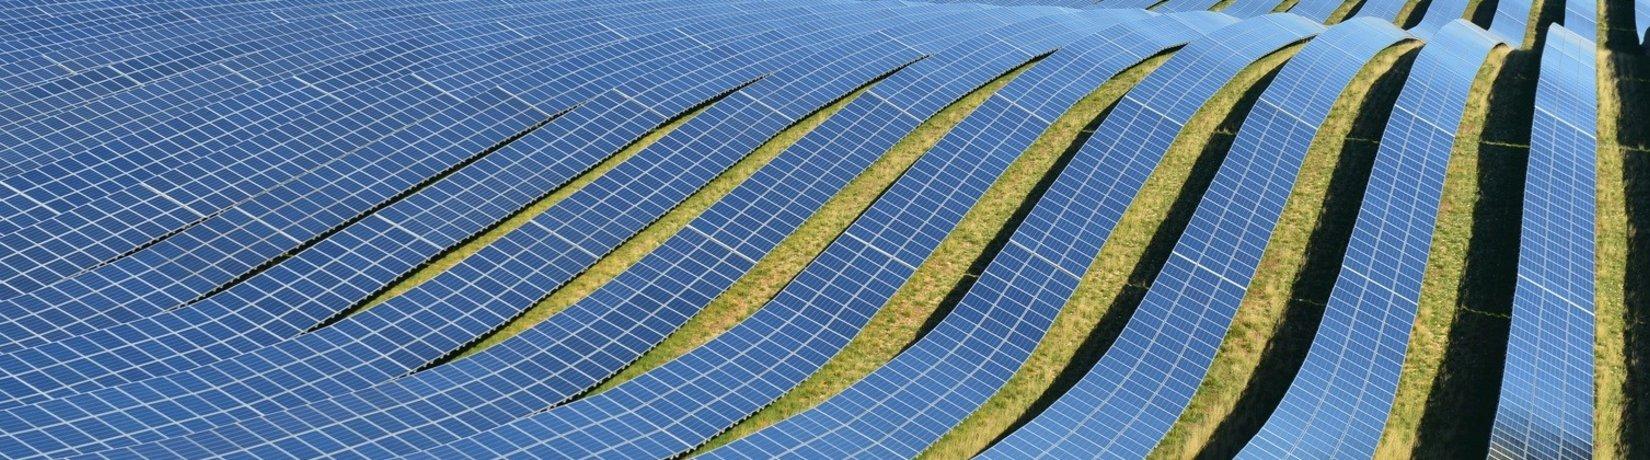 Header Montage von Solarzellen